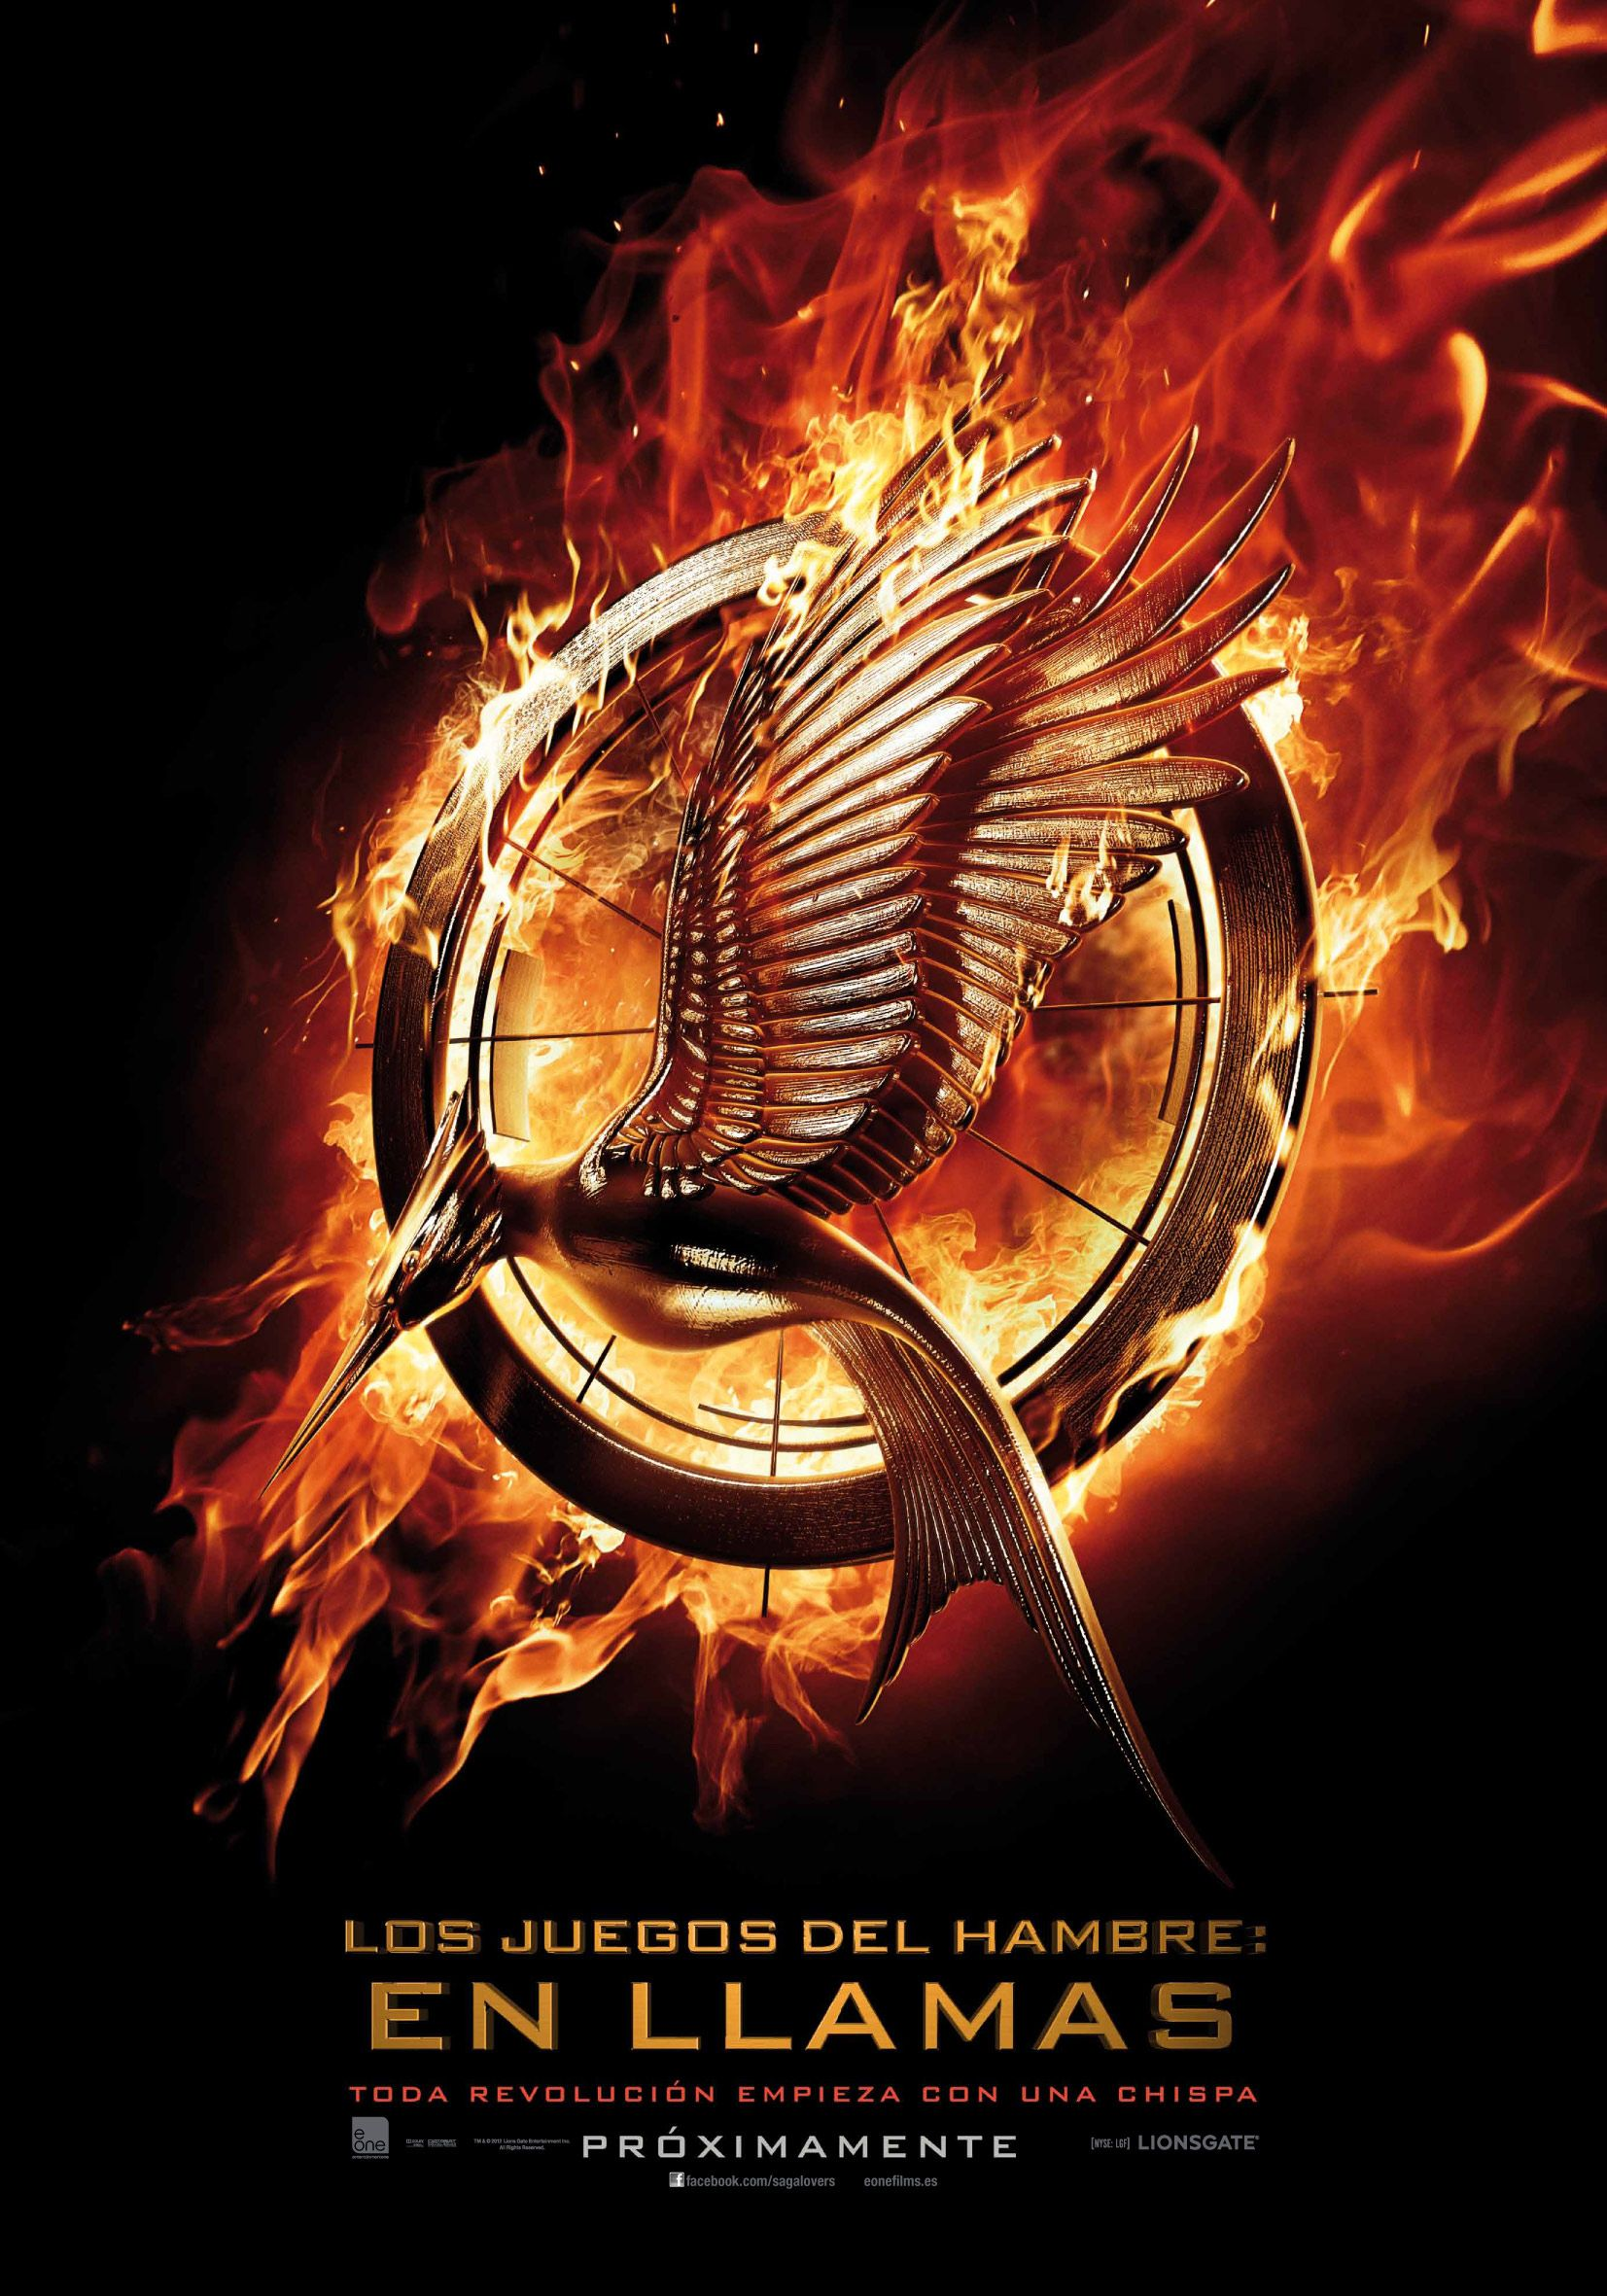 Exclusiva Poster Espanol De Los Juegos Del Hambre En Llamas